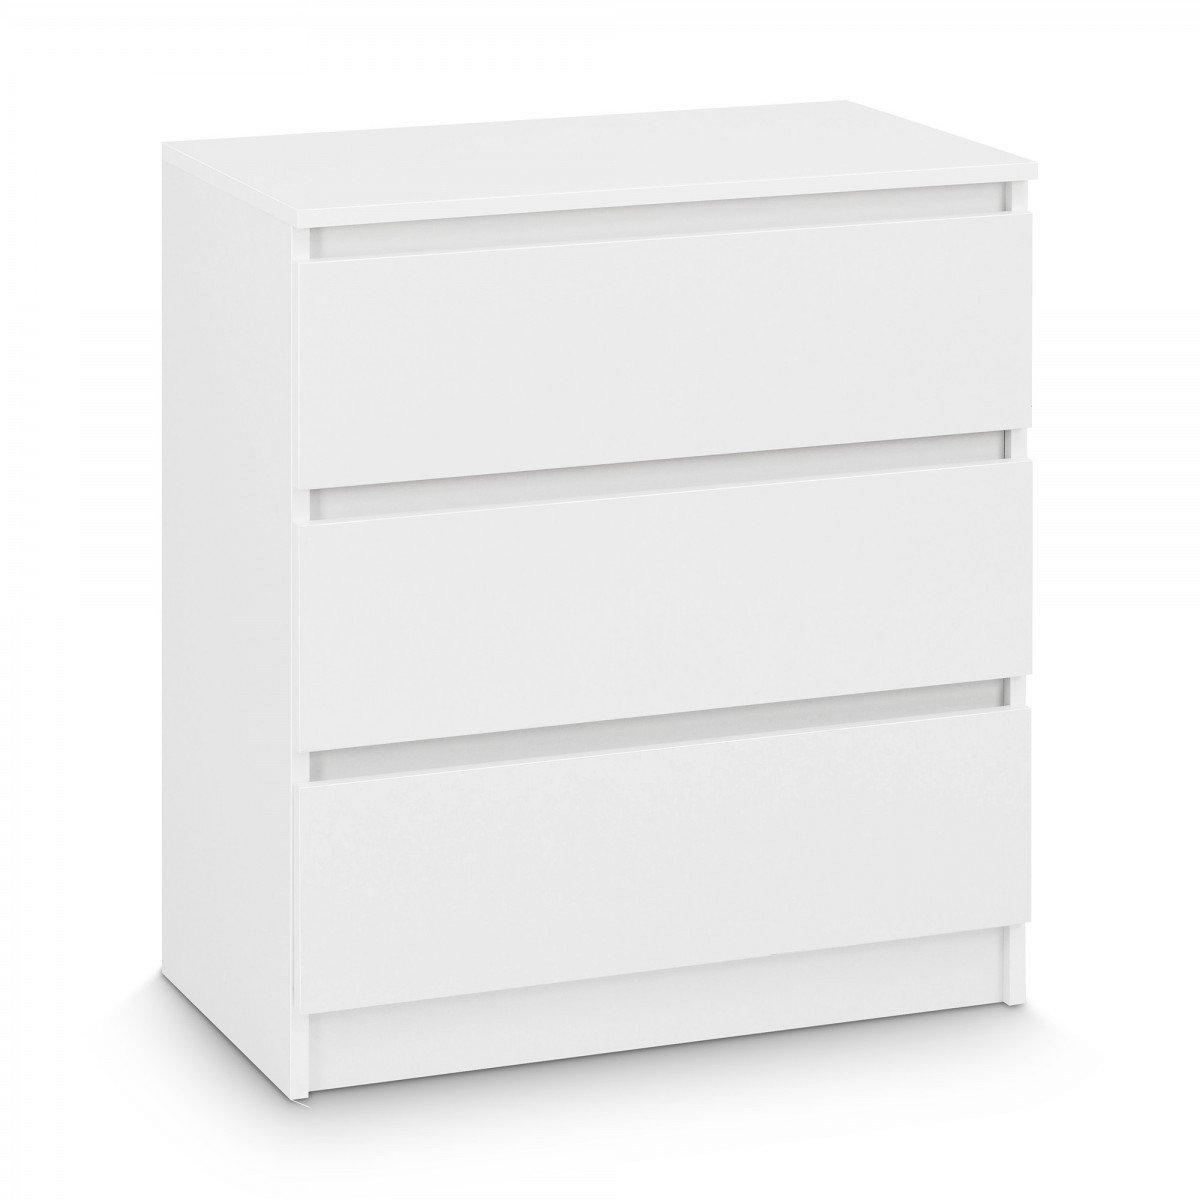 Galdem Kommode mit 3 Schubladen Sideboard Mehrzweckschrank Anrichte Diele Flur Esszimmer Wohnzimmer Schlafzimmer Weiß